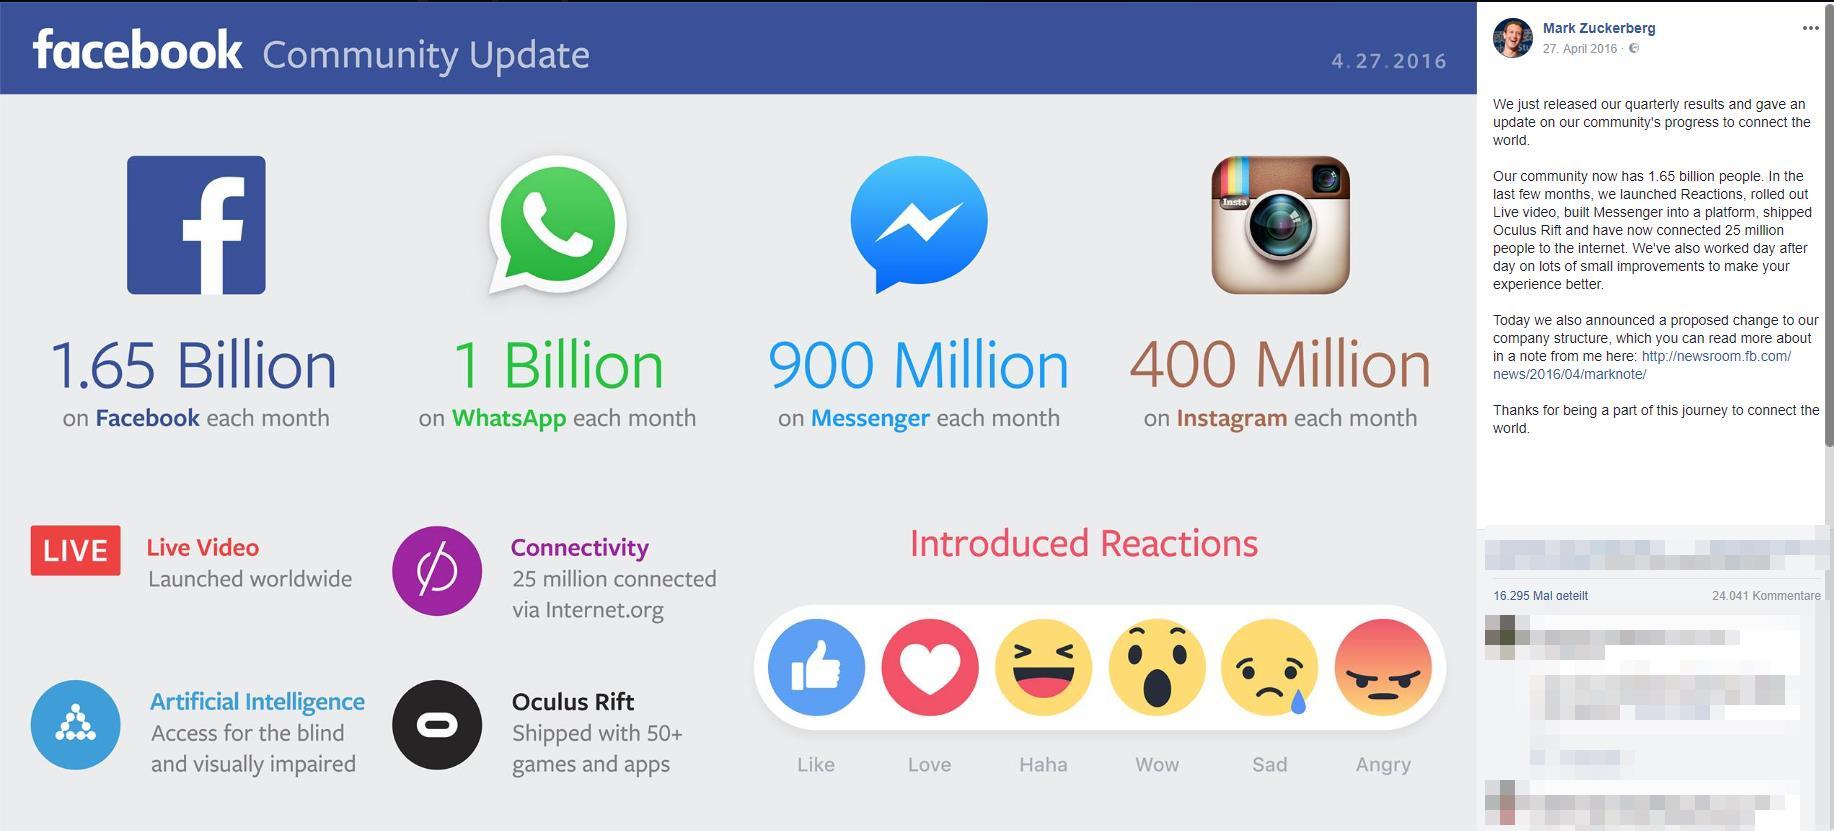 Der Post von Mark Zuckerberg